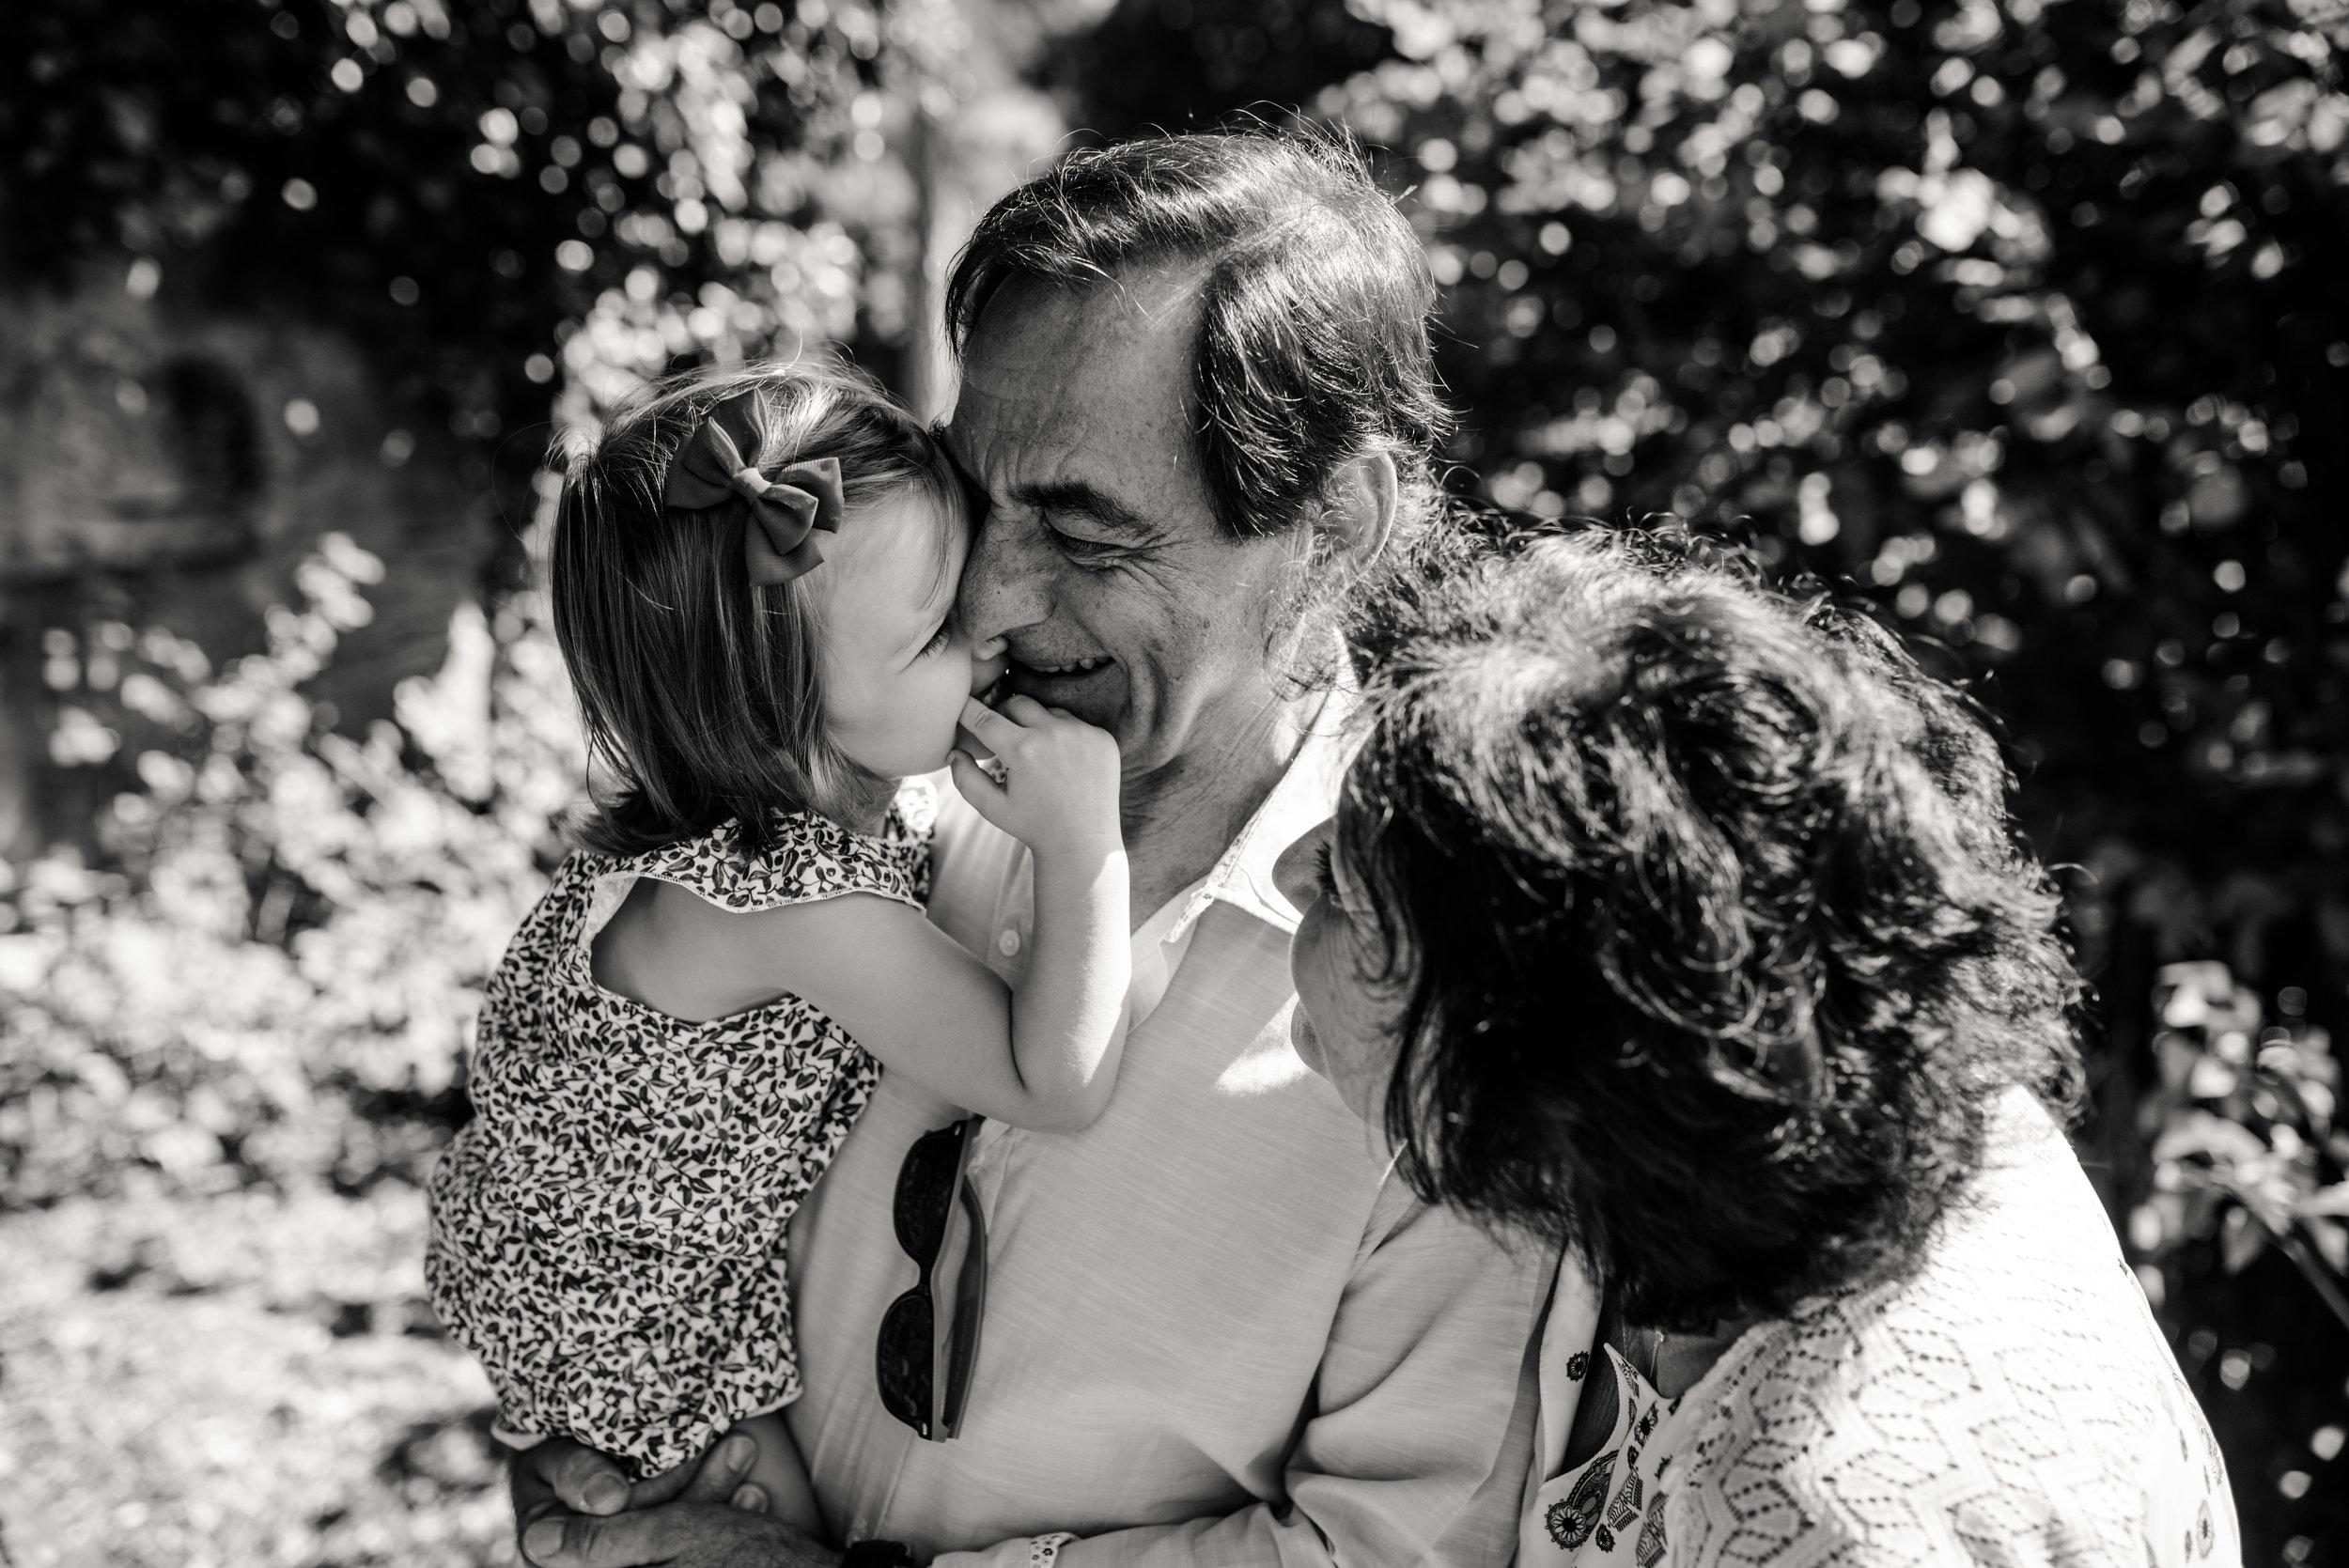 Léa-Fery-photographe-professionnel-lyon-rhone-alpes-portrait-creation-mariage-evenement-evenementiel-famille-4879.jpg